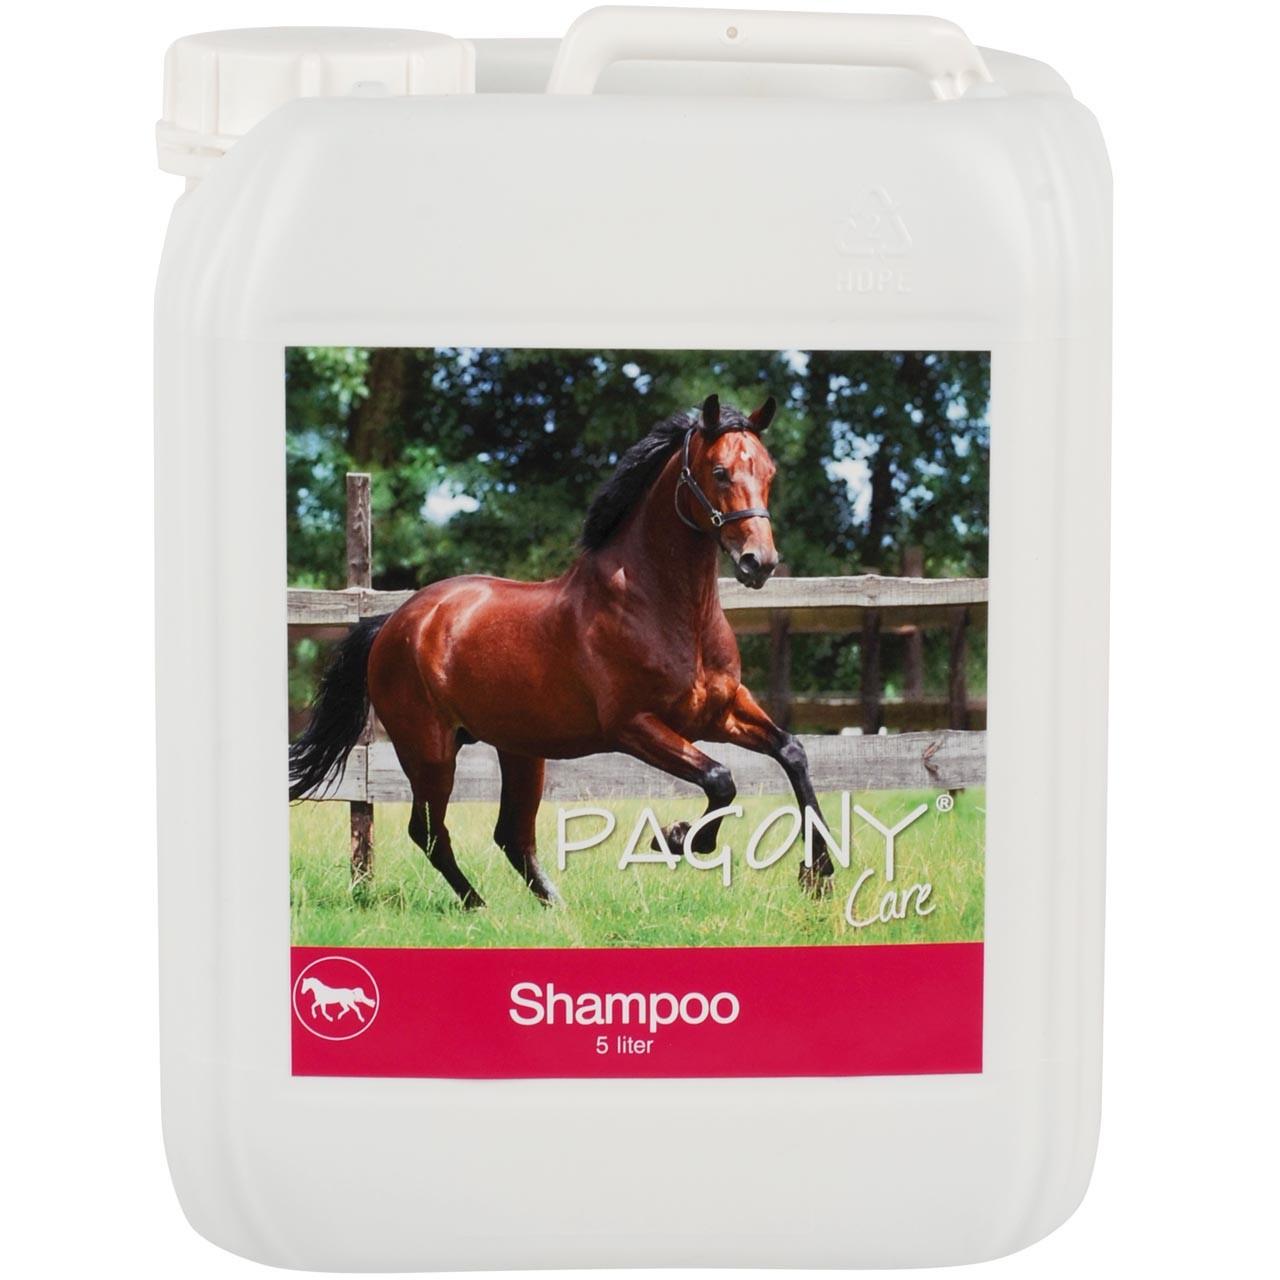 Pagony Shampoo 5L